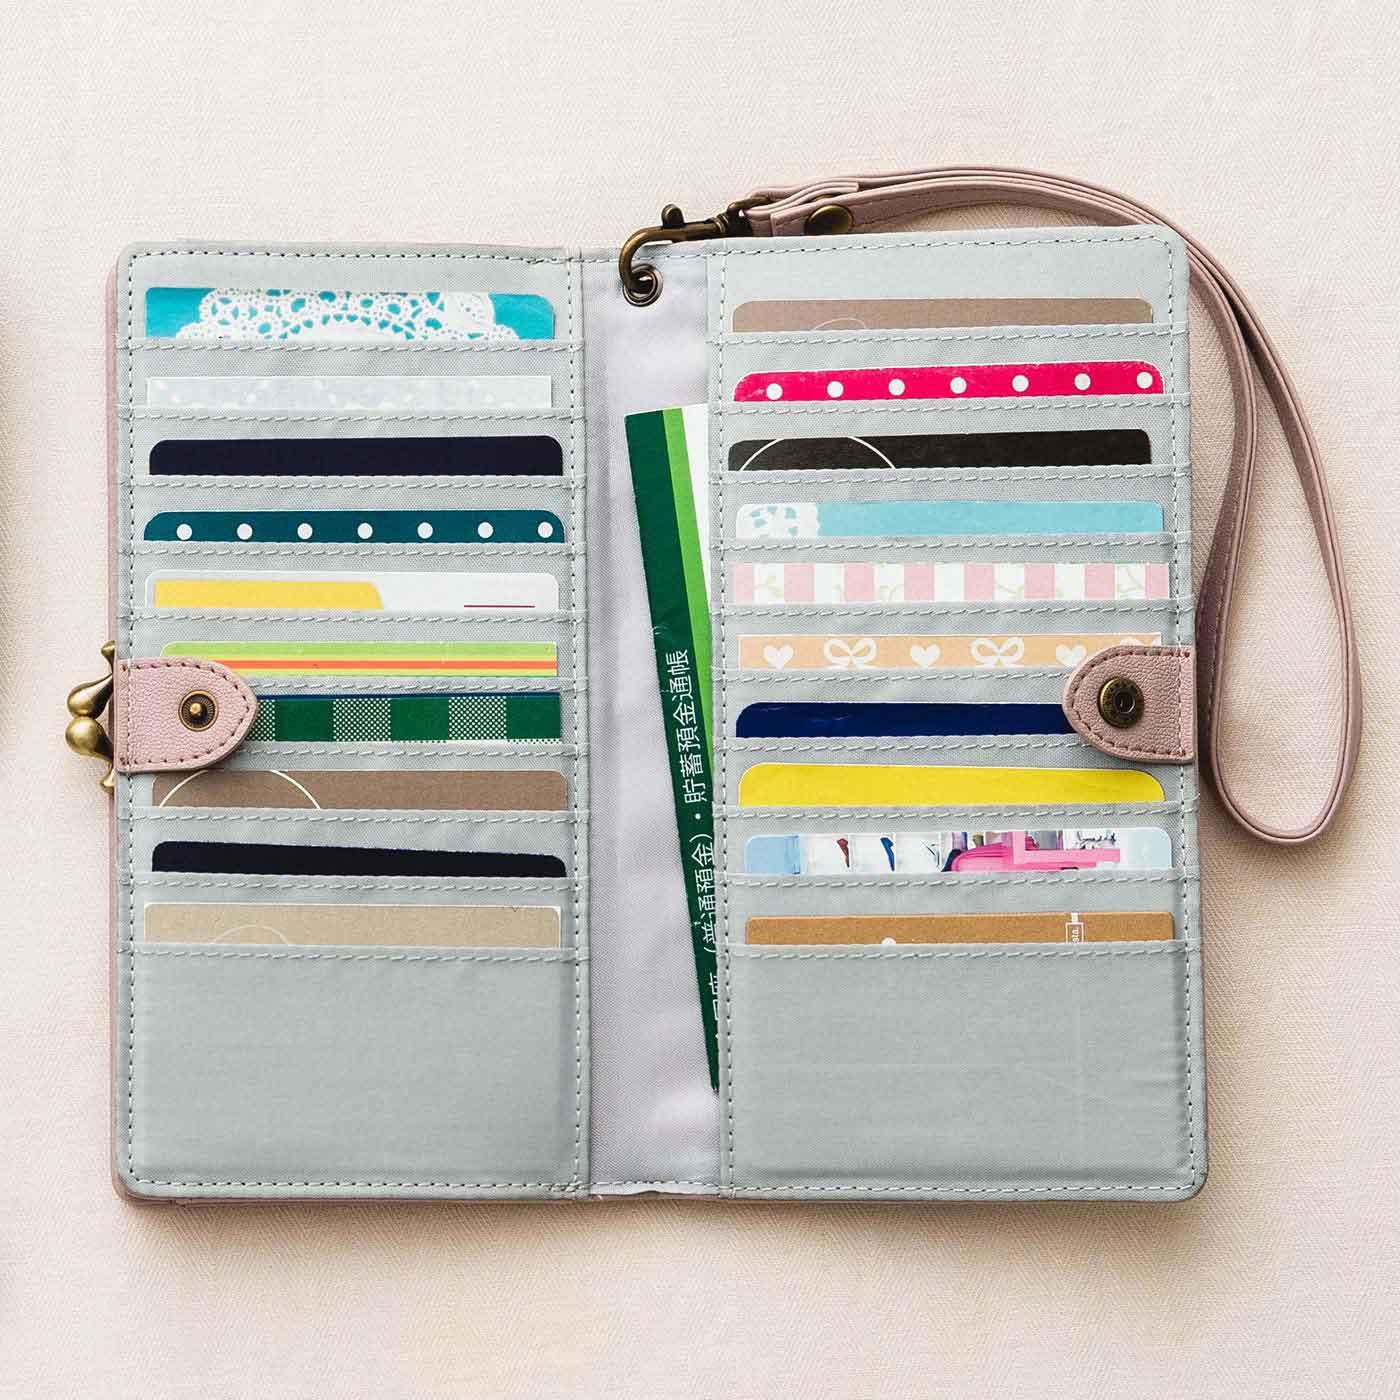 横入れタイプで、カードをすぐに取り出せる仕様。中ポケットには、セールDMやレシート、通帳などが入れられます。